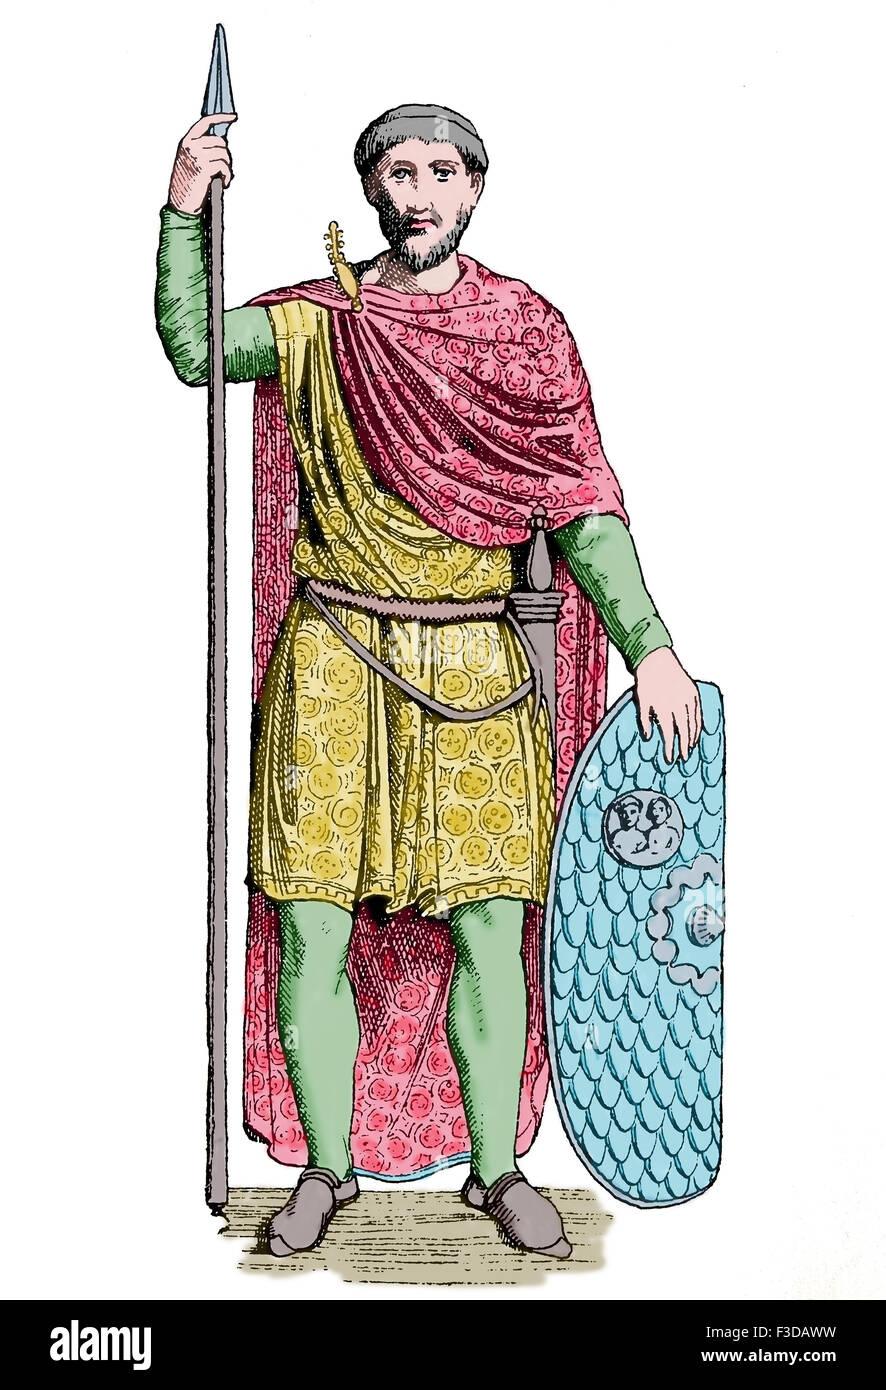 L'Antiquité tardive. Est de l'Empire romain. Noblemant. 5ème ANNONCE de siècle. La gravure. Photo Stock